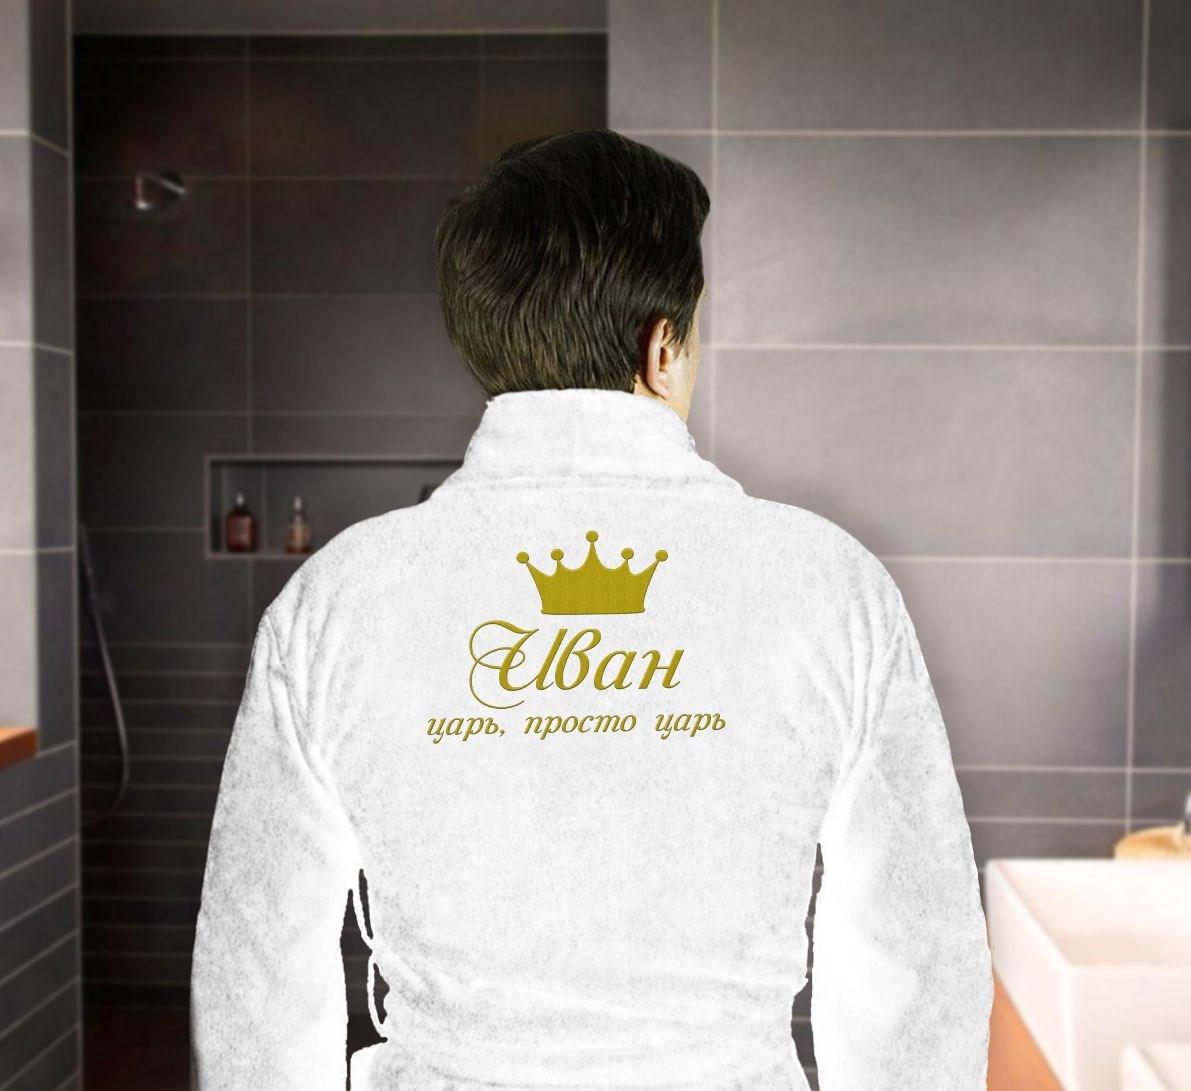 Мужской именной халат с вышивкой Царь, просто царь